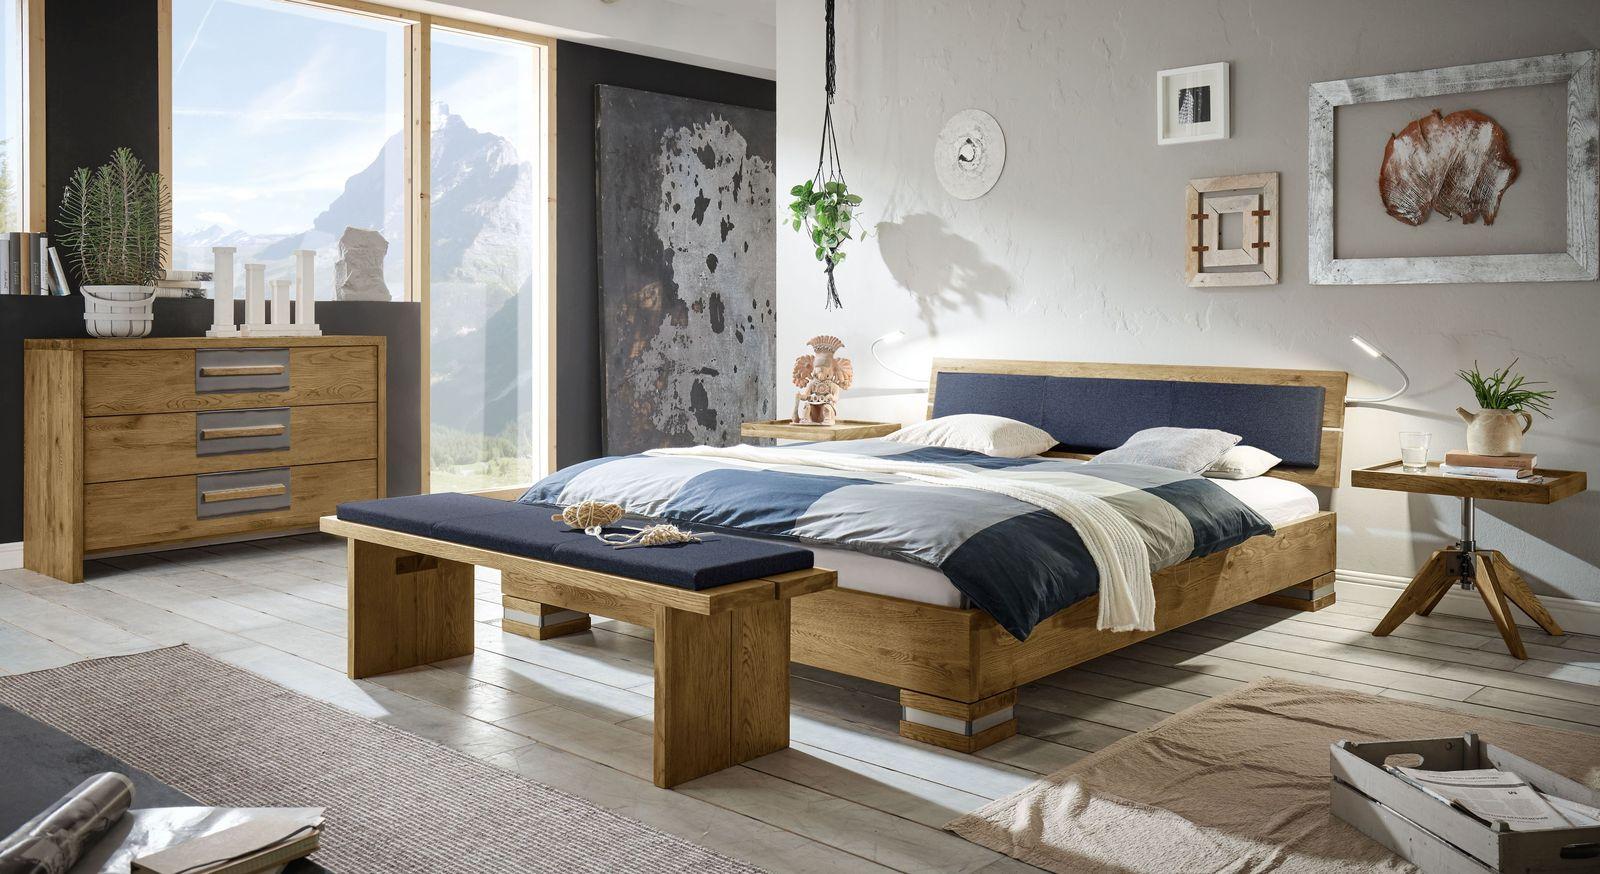 Bett Alvorada mit passender Schlafzimmer-Einrichtung